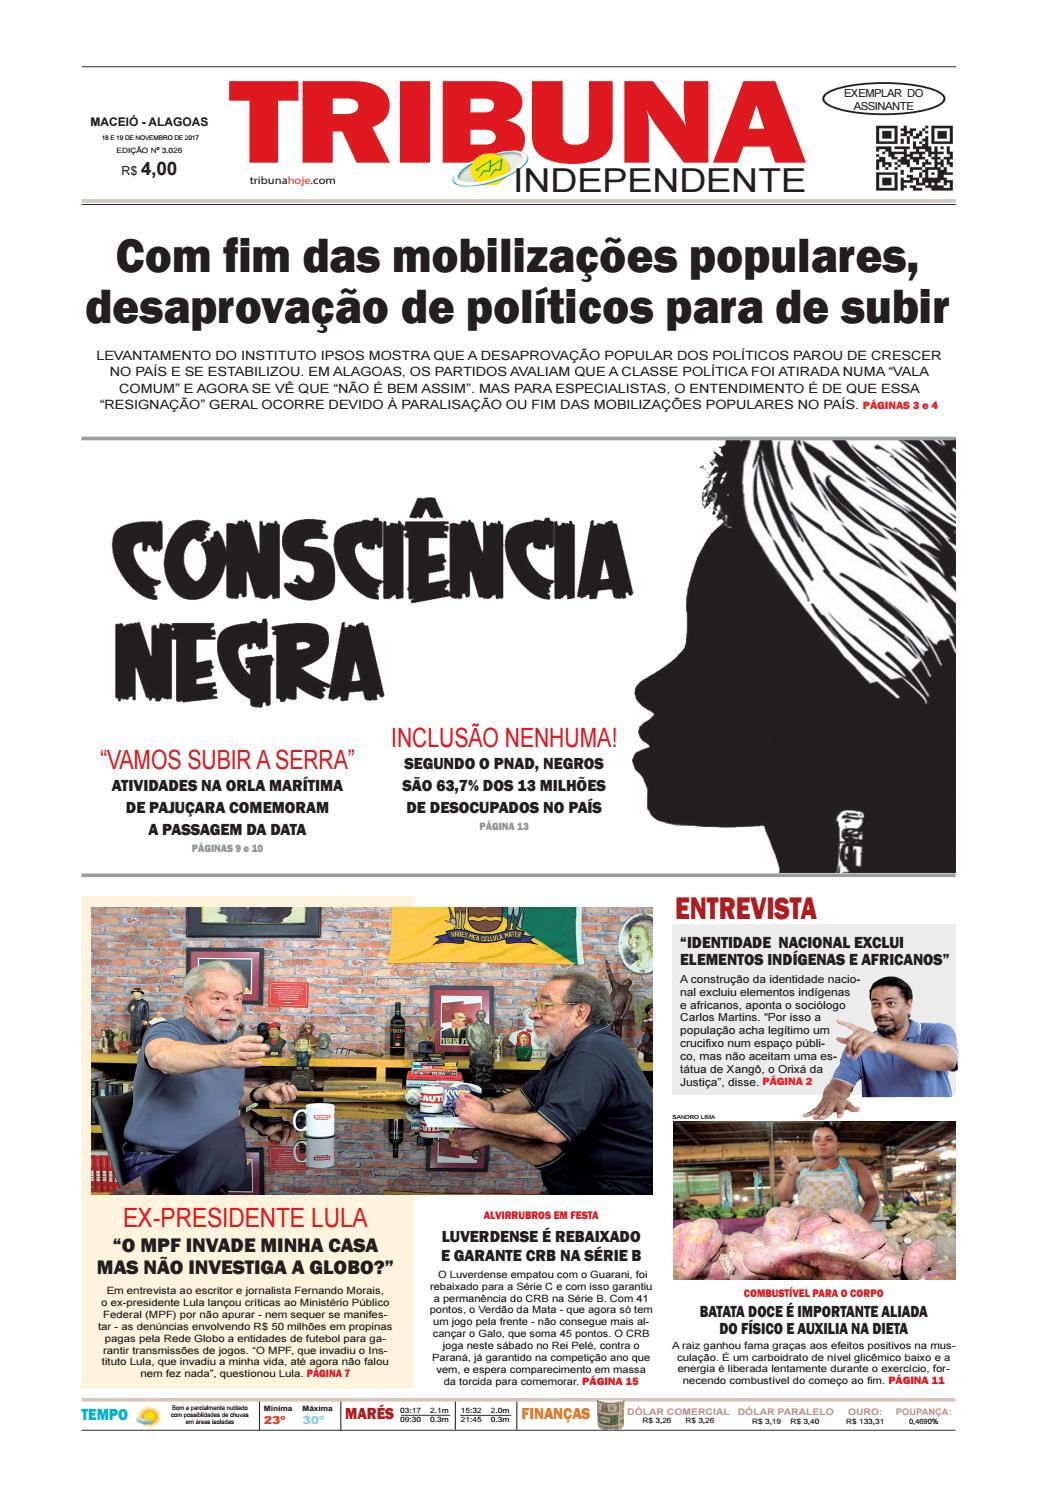 ded83c04e32 Edição número 3026 - 18 e 19 de novembro de 2017 by Tribuna Hoje - issuu